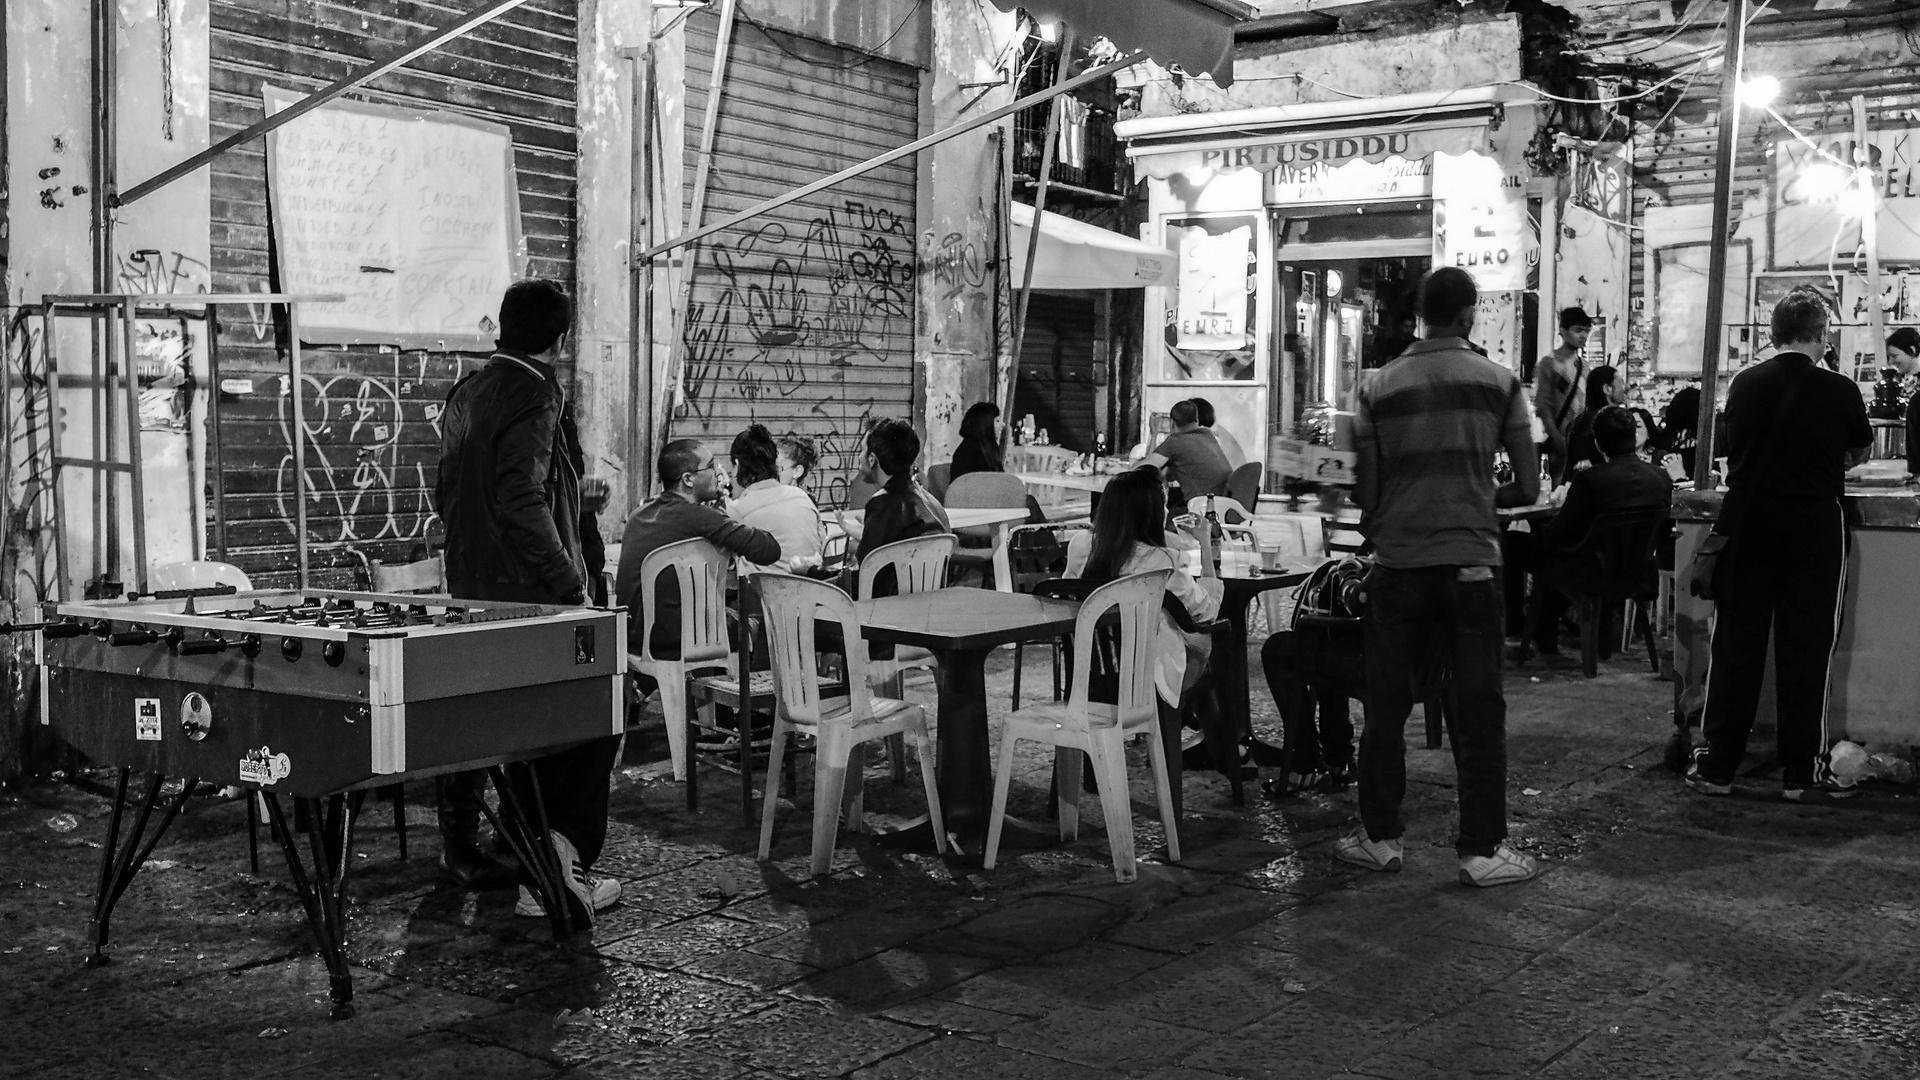 Palermo di notte 3